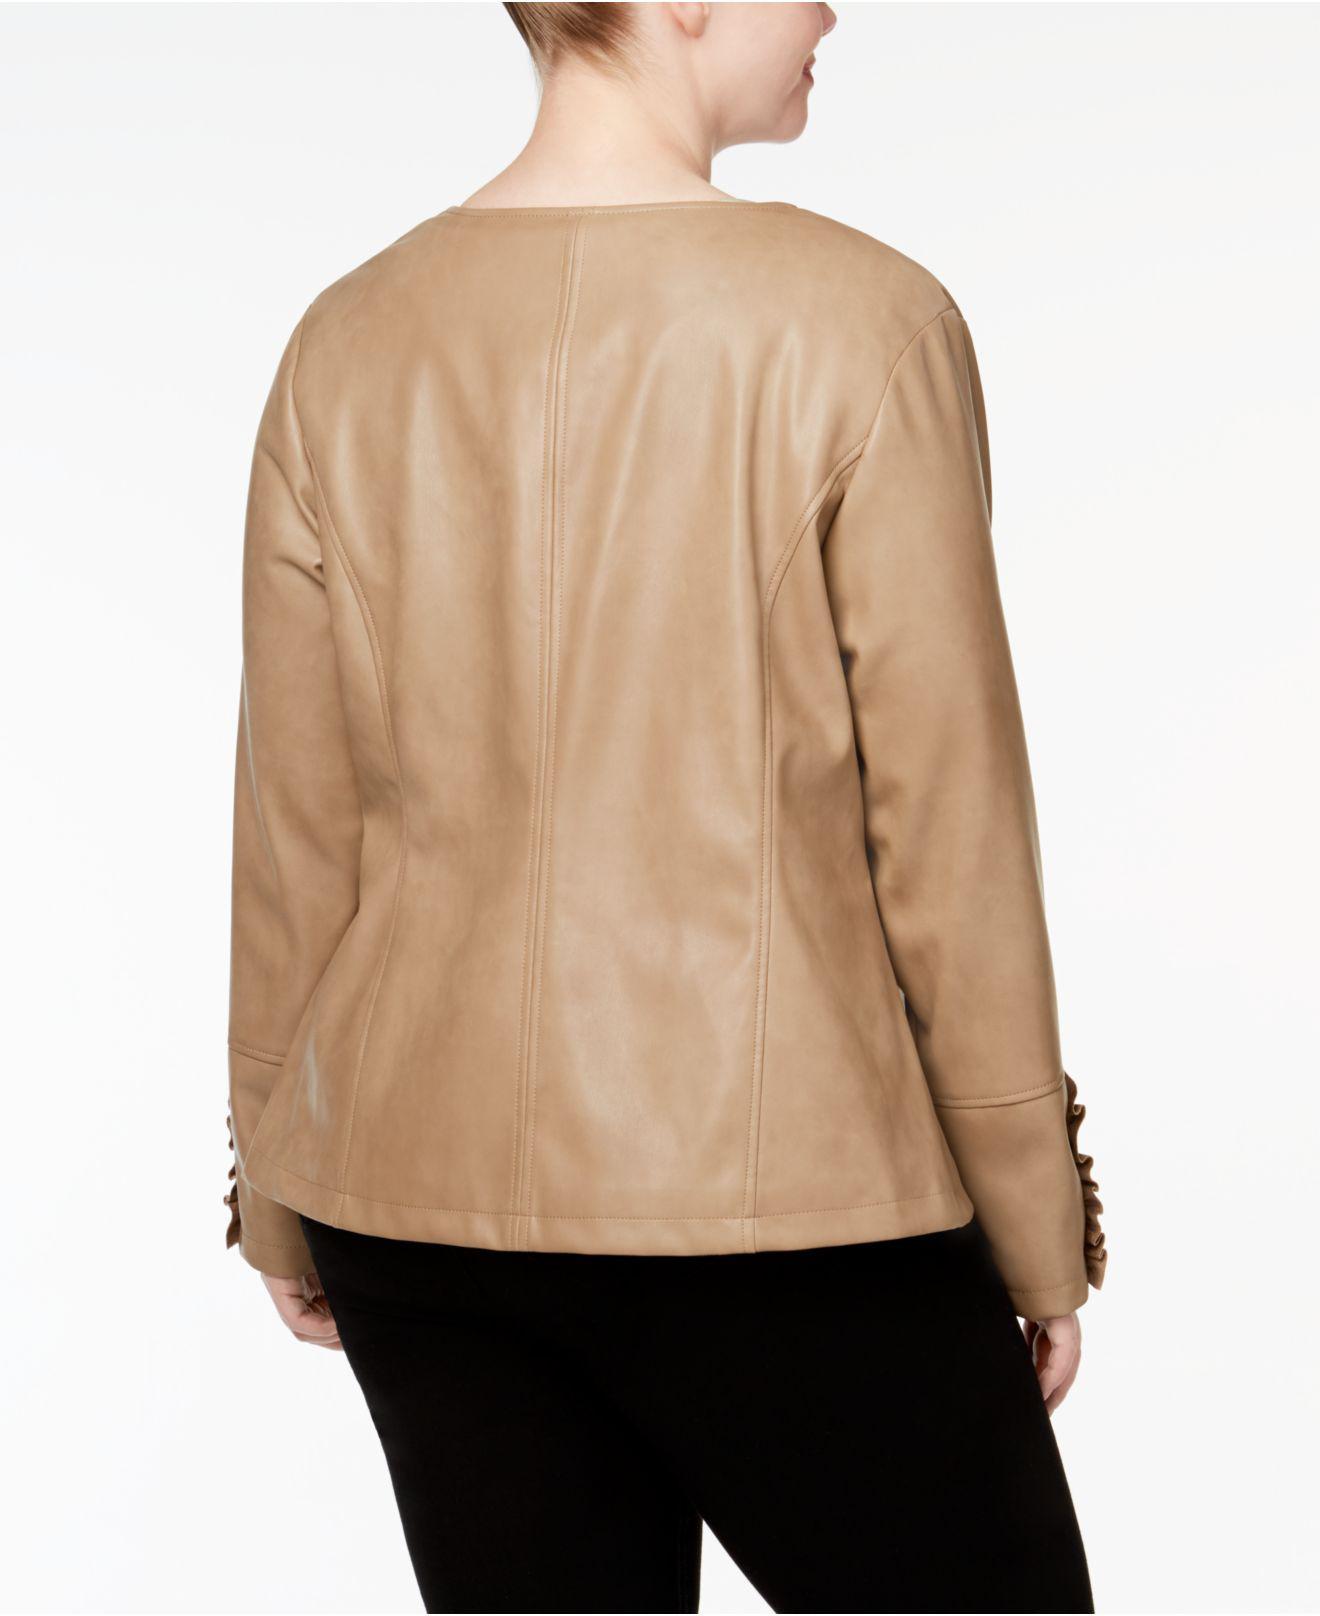 524d0ac560c Lyst - Alfani Plus Size Ruffle-trim Faux-leather Jacket